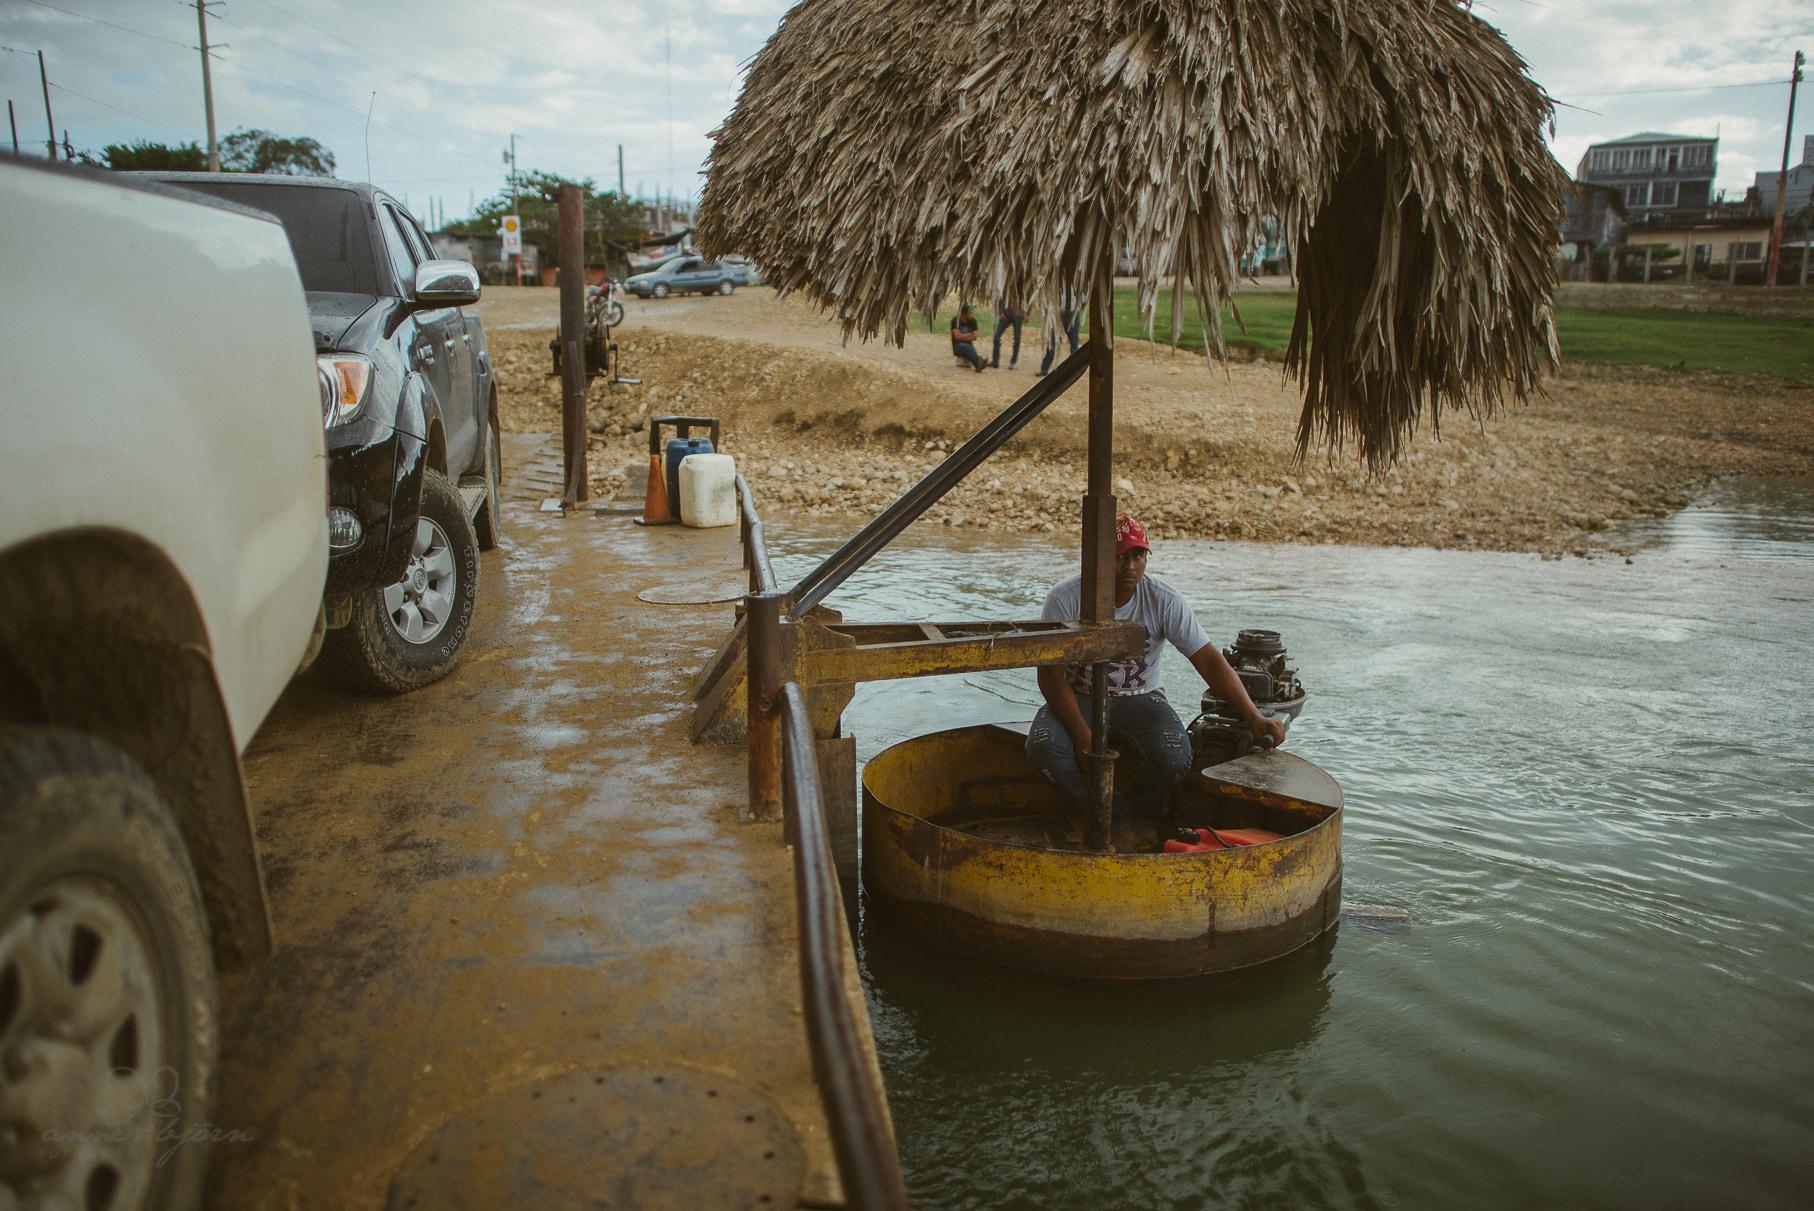 0001 anne und bjoern guatemala d75 4497 - 4 Wochen durch Guatemala - backpacking durch Mittelamerika